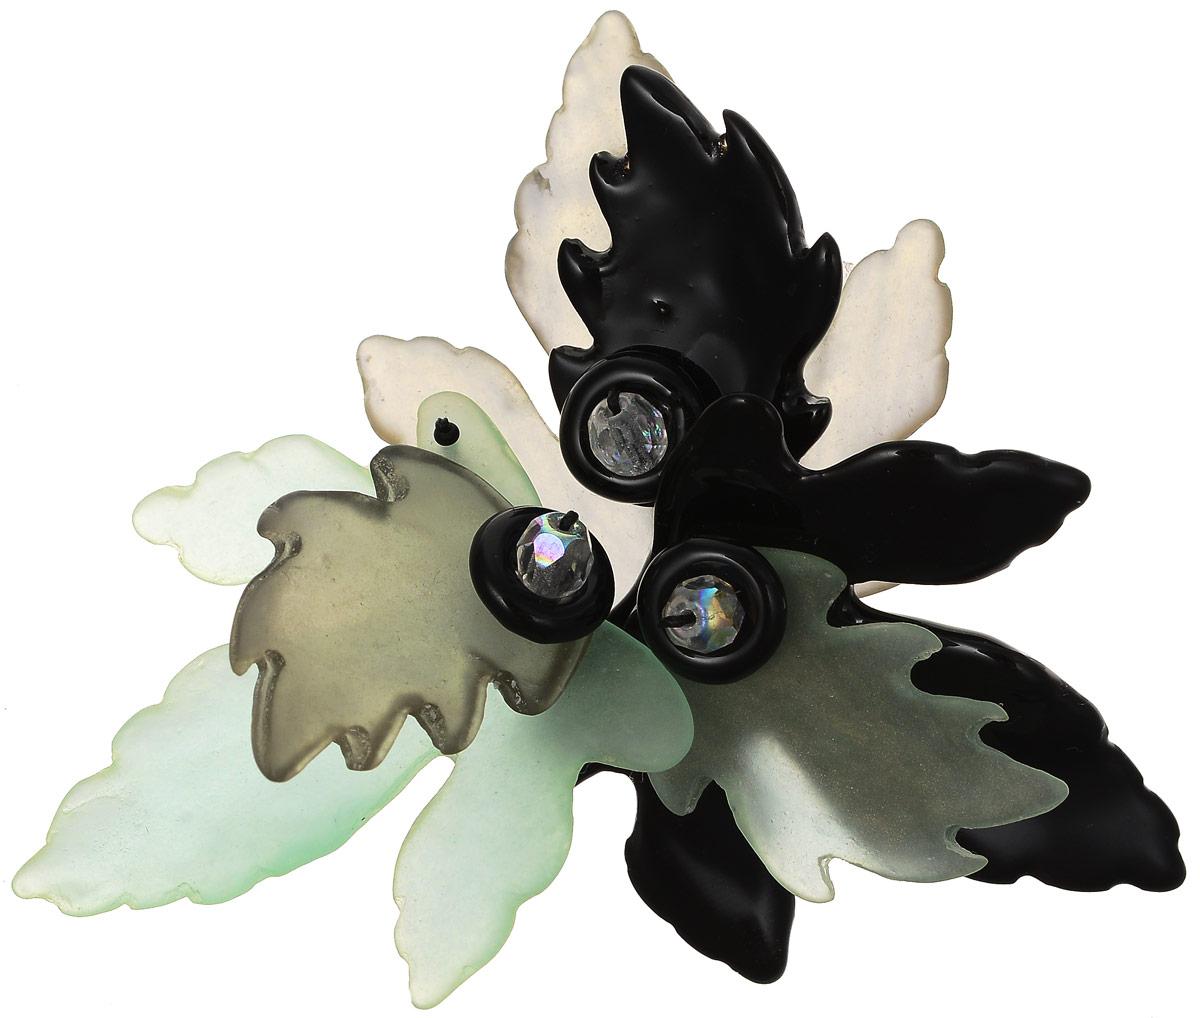 Брошь Lalo Treasures Autumn, цвет: зеленый, черный. 17551755Яркая дизайнерская брошь от Lalo Treasures станет отличным дополнением к вашему стилю. Она изготовлена из качественной ювелирной смолы и металлического сплава. Данная брошь выполнена в виде цветка, составленного из фигурок разного размера и цвета. Брошь надежно и легко фиксируется на вашей одежде с помощью замка-булавки. Оригинальный дизайн позволит вашему образу быть ещё ярче и создать собственный неповторимый стиль.